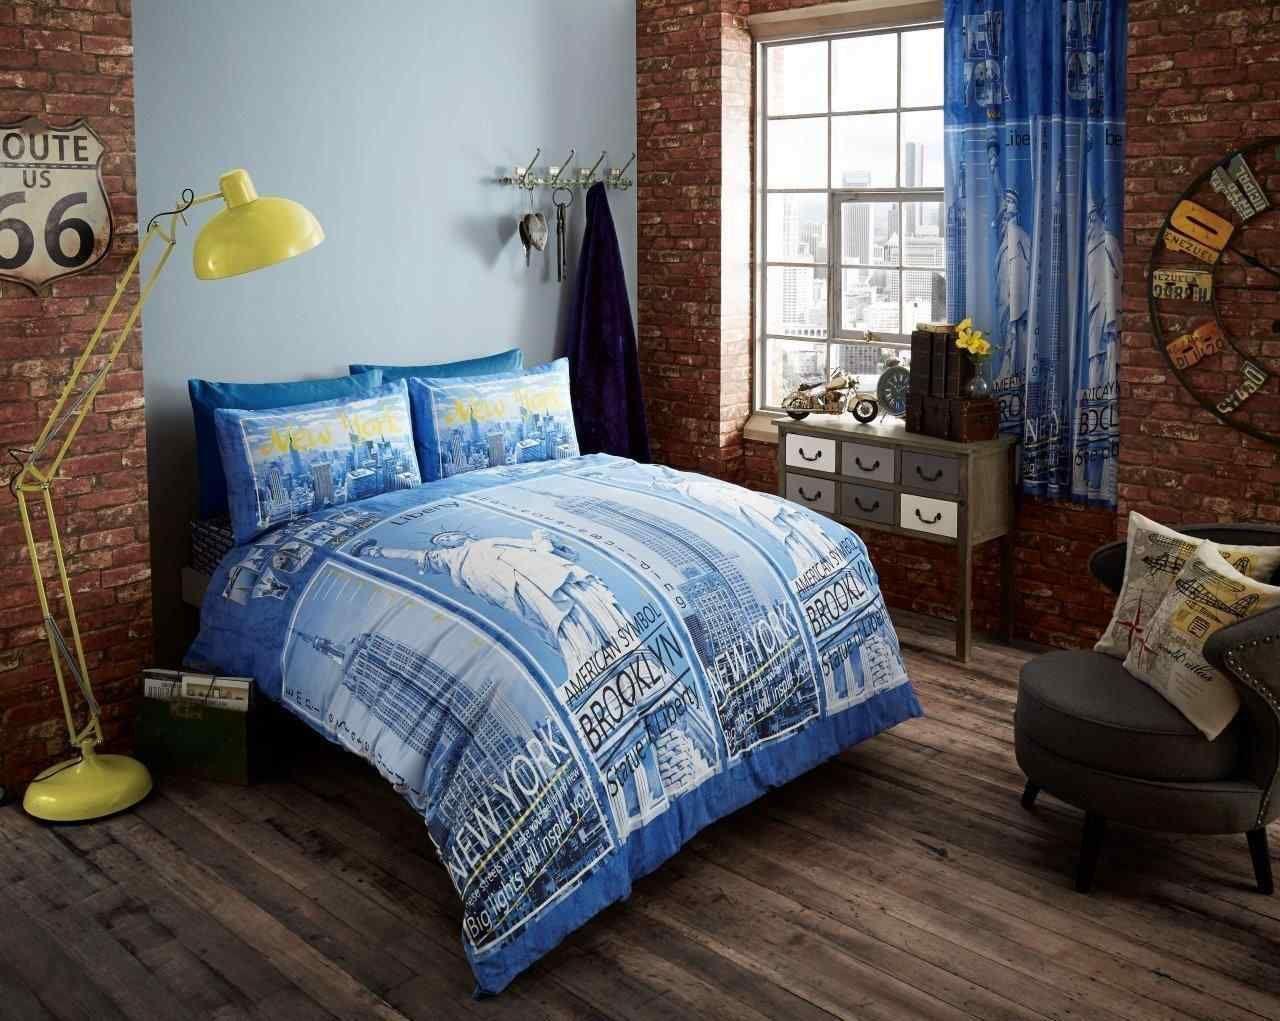 Inspire Printed Duvet Quilt Cover Bedding Set Blue Bedding Sets